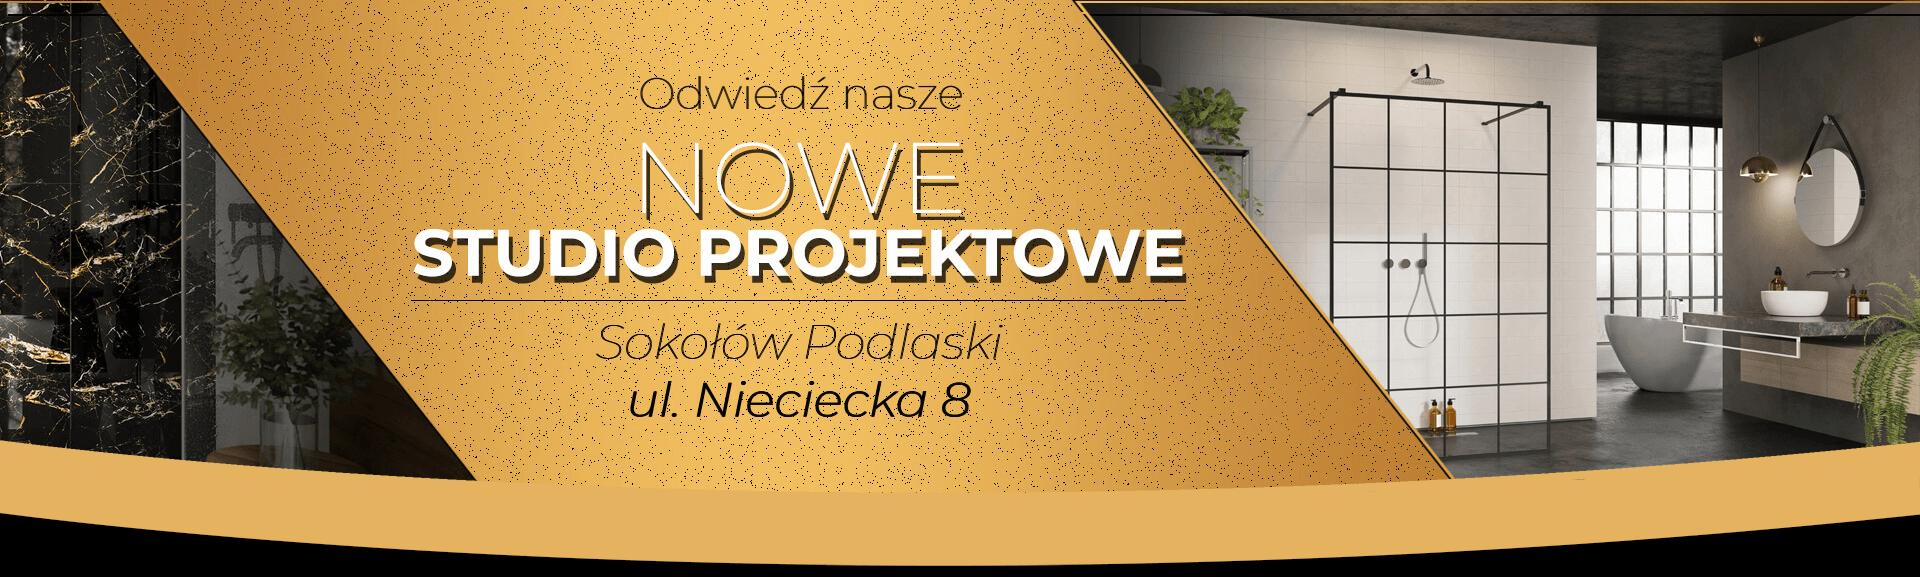 Odzwiedź nasze Nowe Studio Projektowe Sokołów Podlaski ul. Nieciecka 8